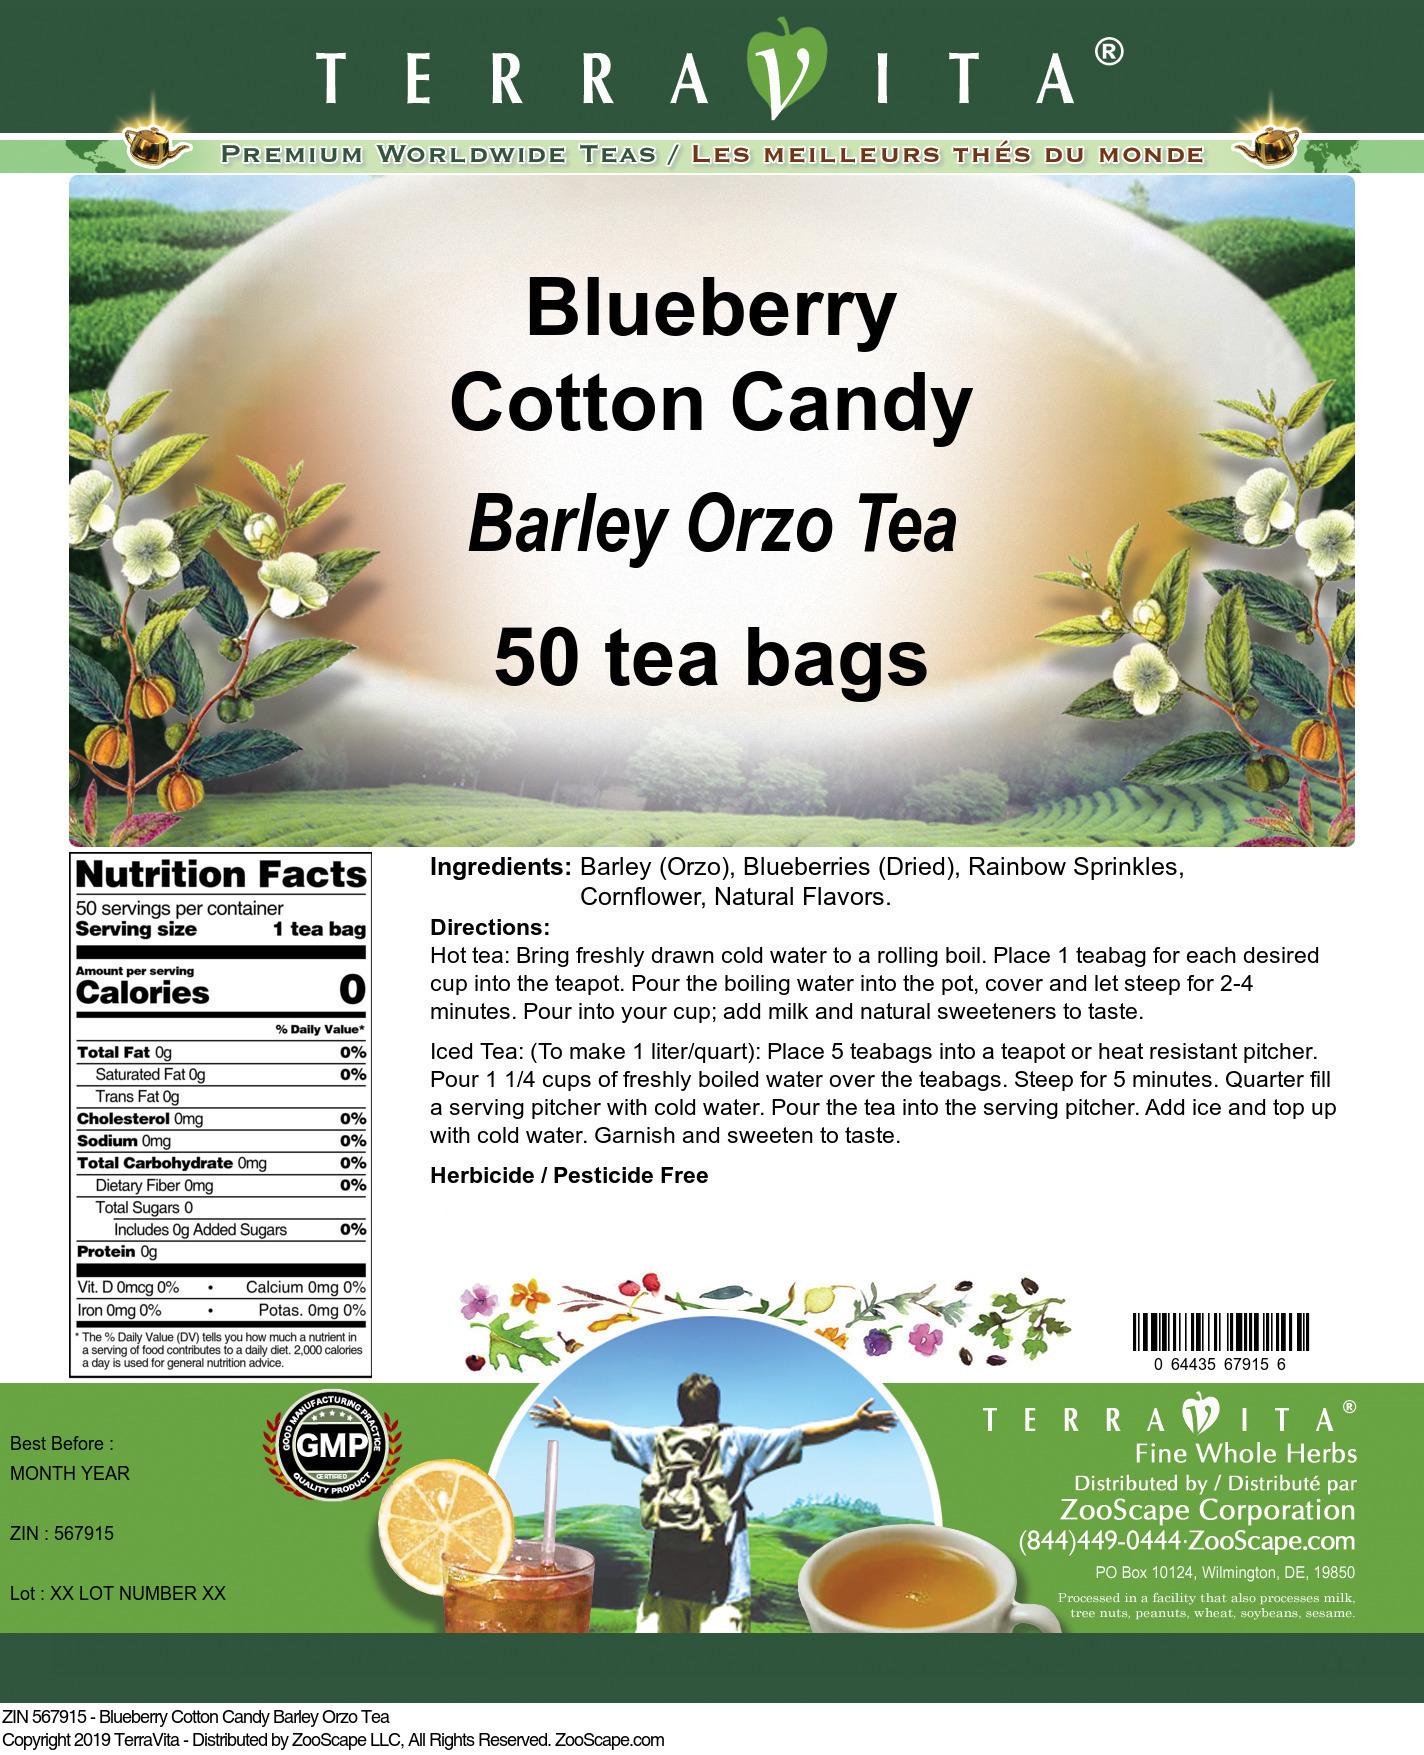 Blueberry Cotton Candy Barley Orzo Tea